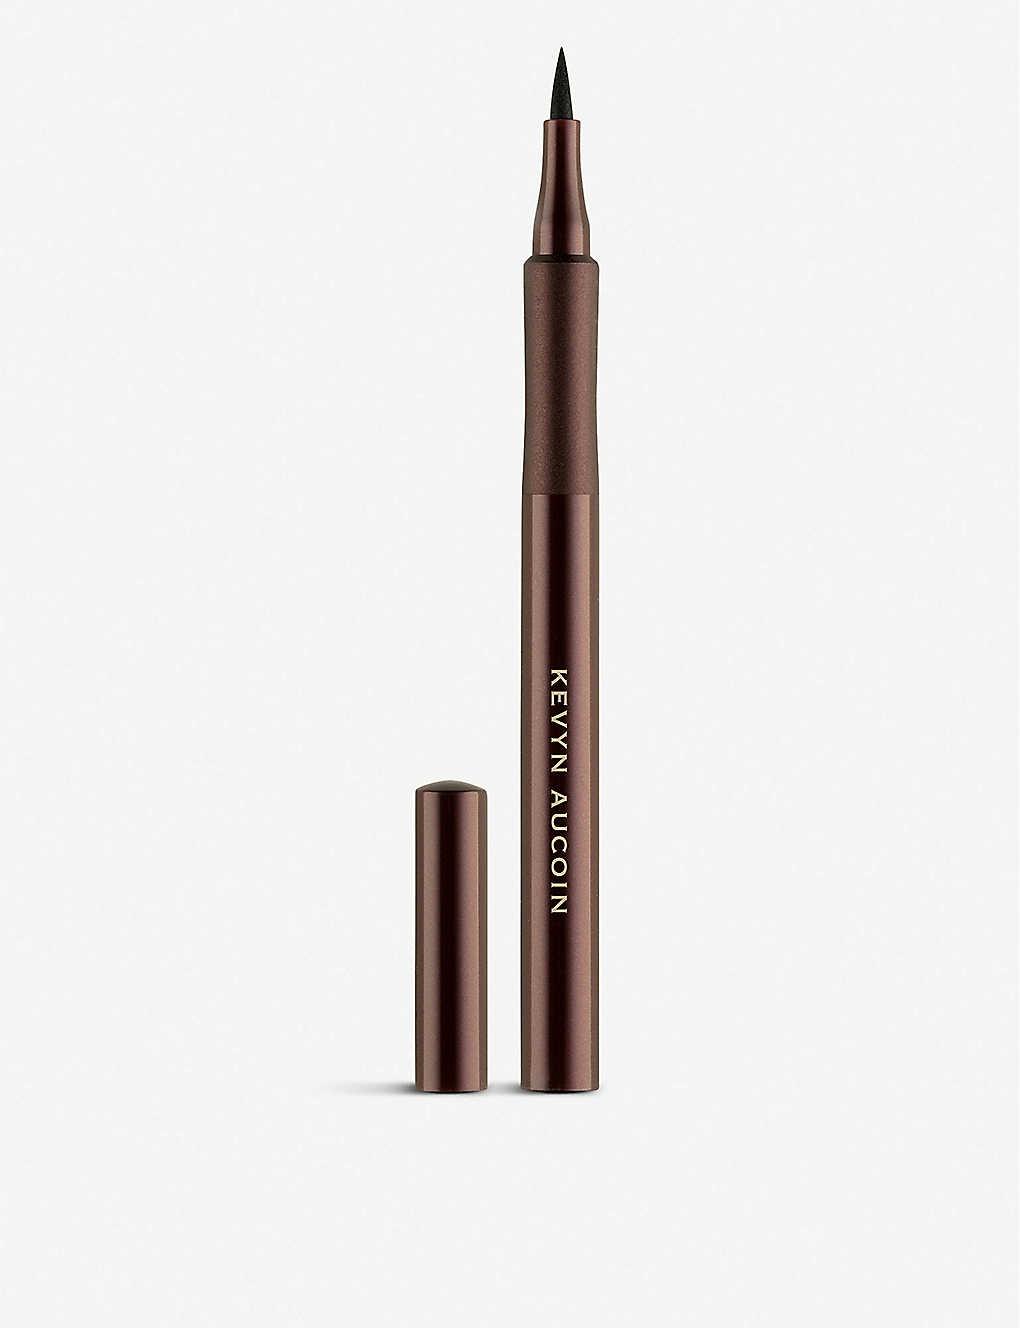 KEVYN AUCOIN: The Precision Liquid Liner 1ml